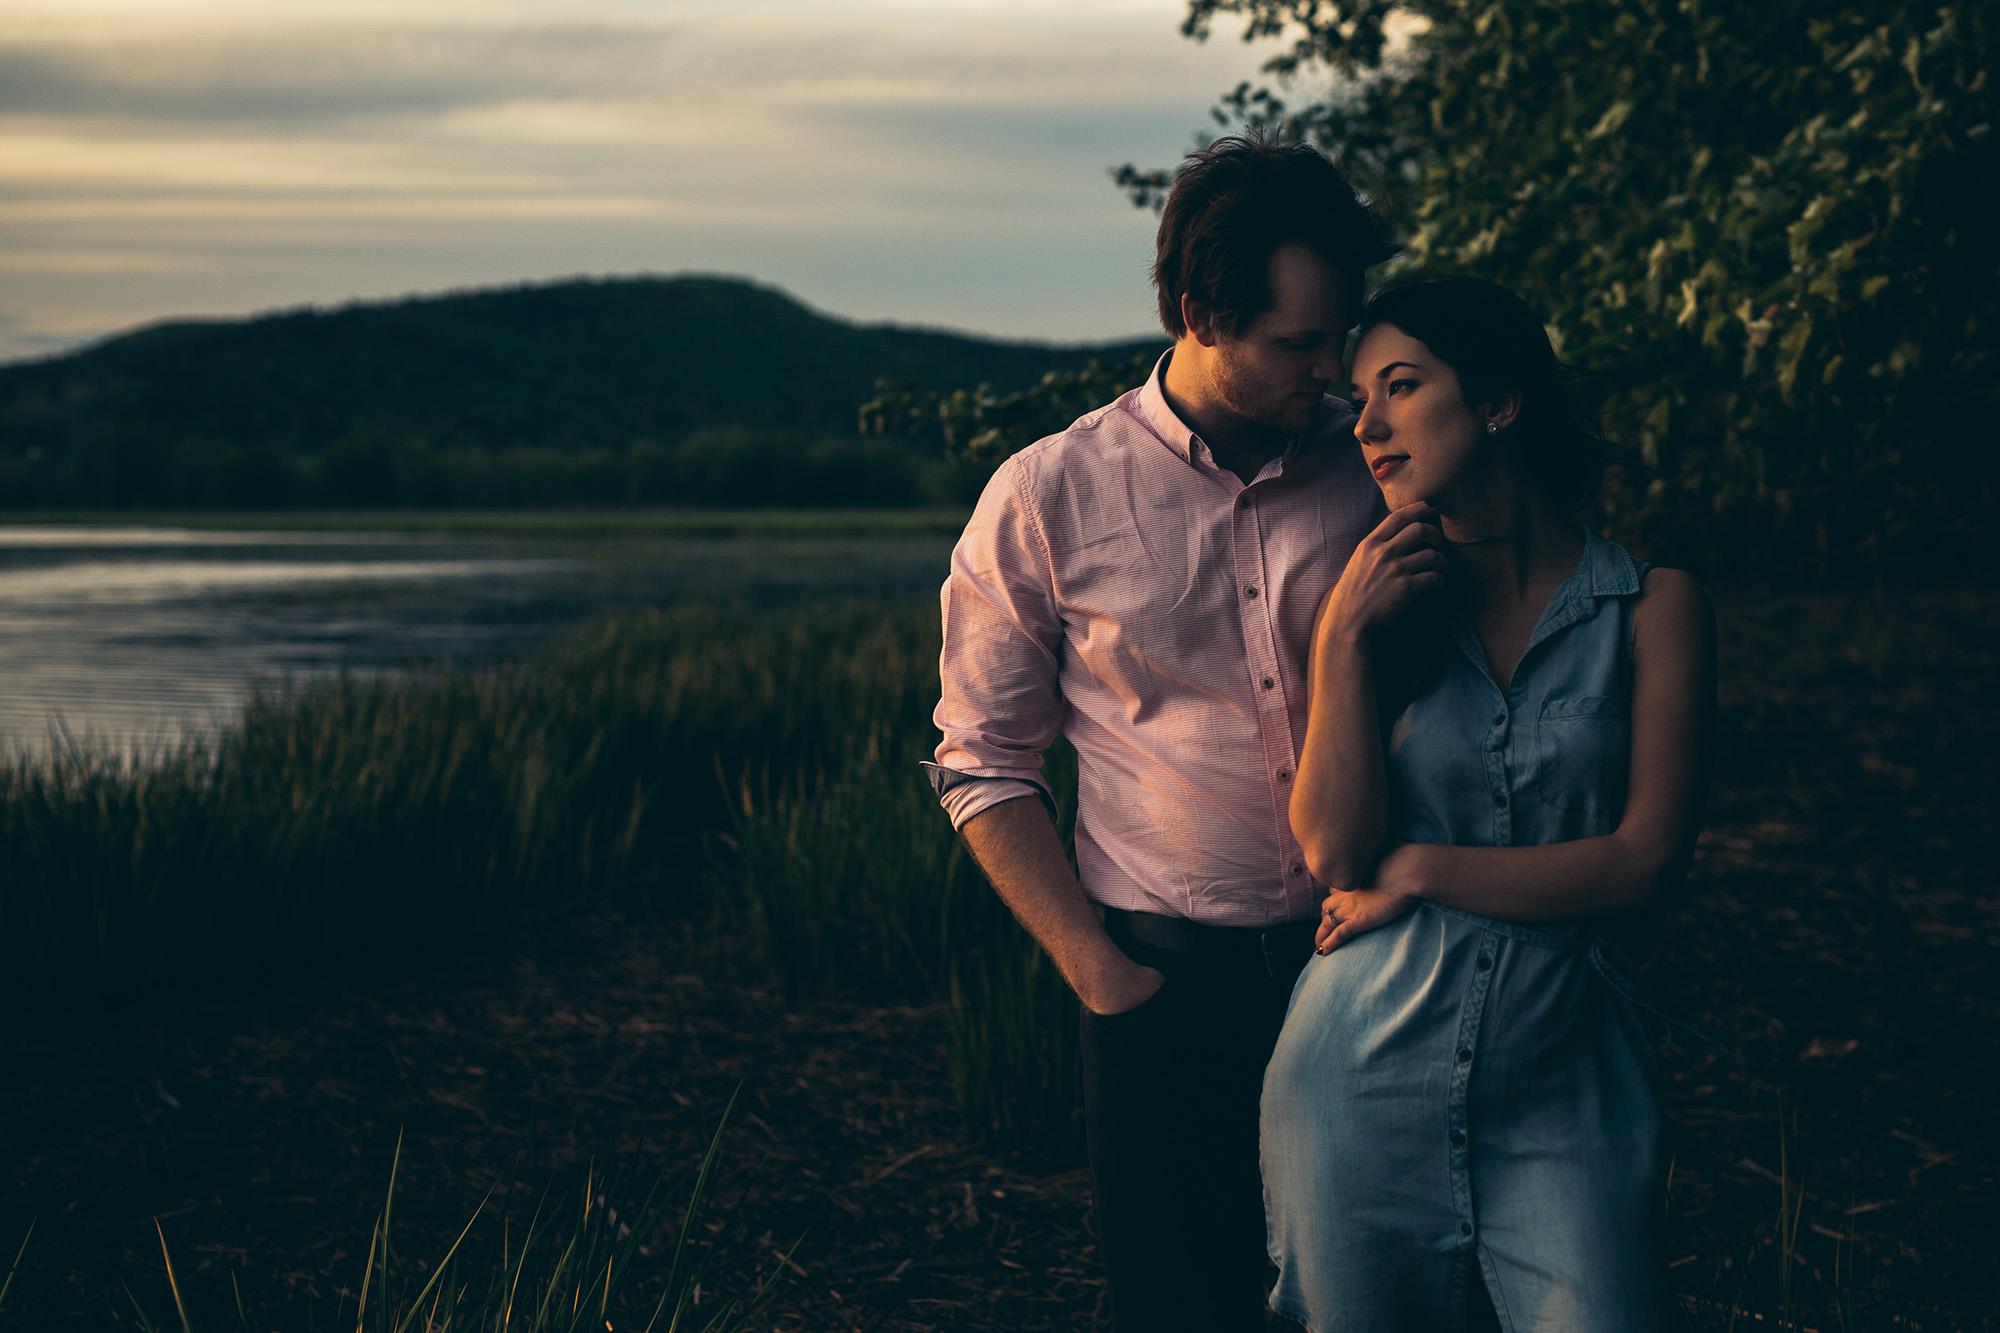 David and Shannon elegant couples portrait